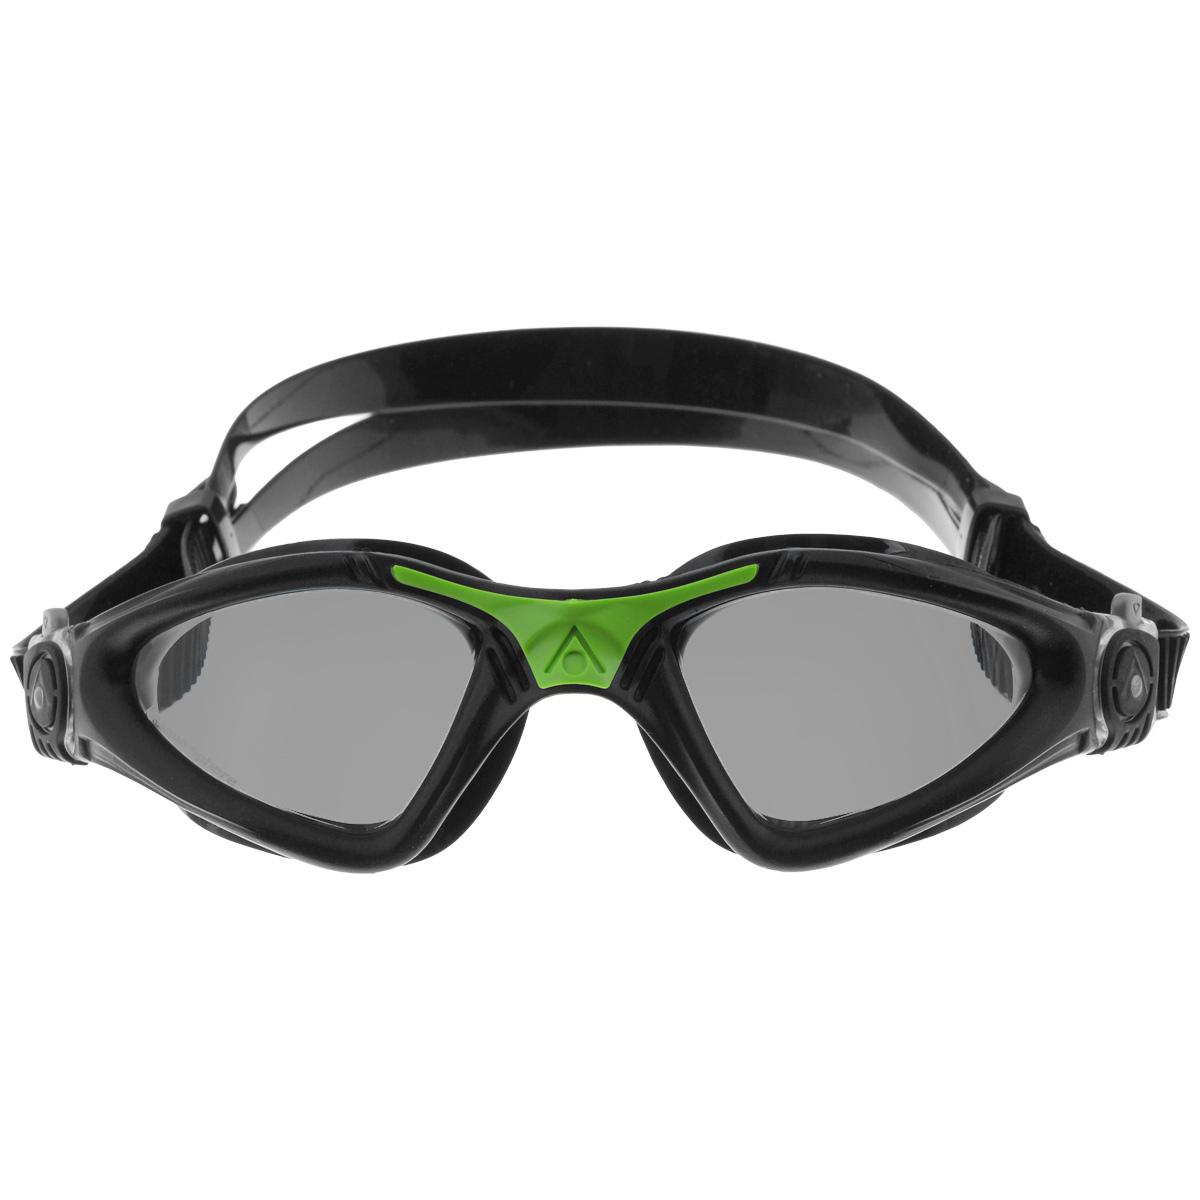 Очки для плавания Aqua Sphere Kayenne, темные линзы, цвет: черный, зеленыйTN 170850Модные и стильные очки для плавания Aqua Sphere Kayenne идеально подходят для плавания в бассейне или открытой воде. Оснащены линзами с антизапотевающим покрытием, которые устойчивы к появлению царапин. Мягкий комфортный обтюратор плотно прилегает к лицу. Запатентованные изогнутые линзы дают прекрасный обзор на 180° - без искажений. Рамка имеет гидродинамическую форму. Очки оснащены удобными быстрорегулируемыми пряжками. Материал: софтерил, plexisol.